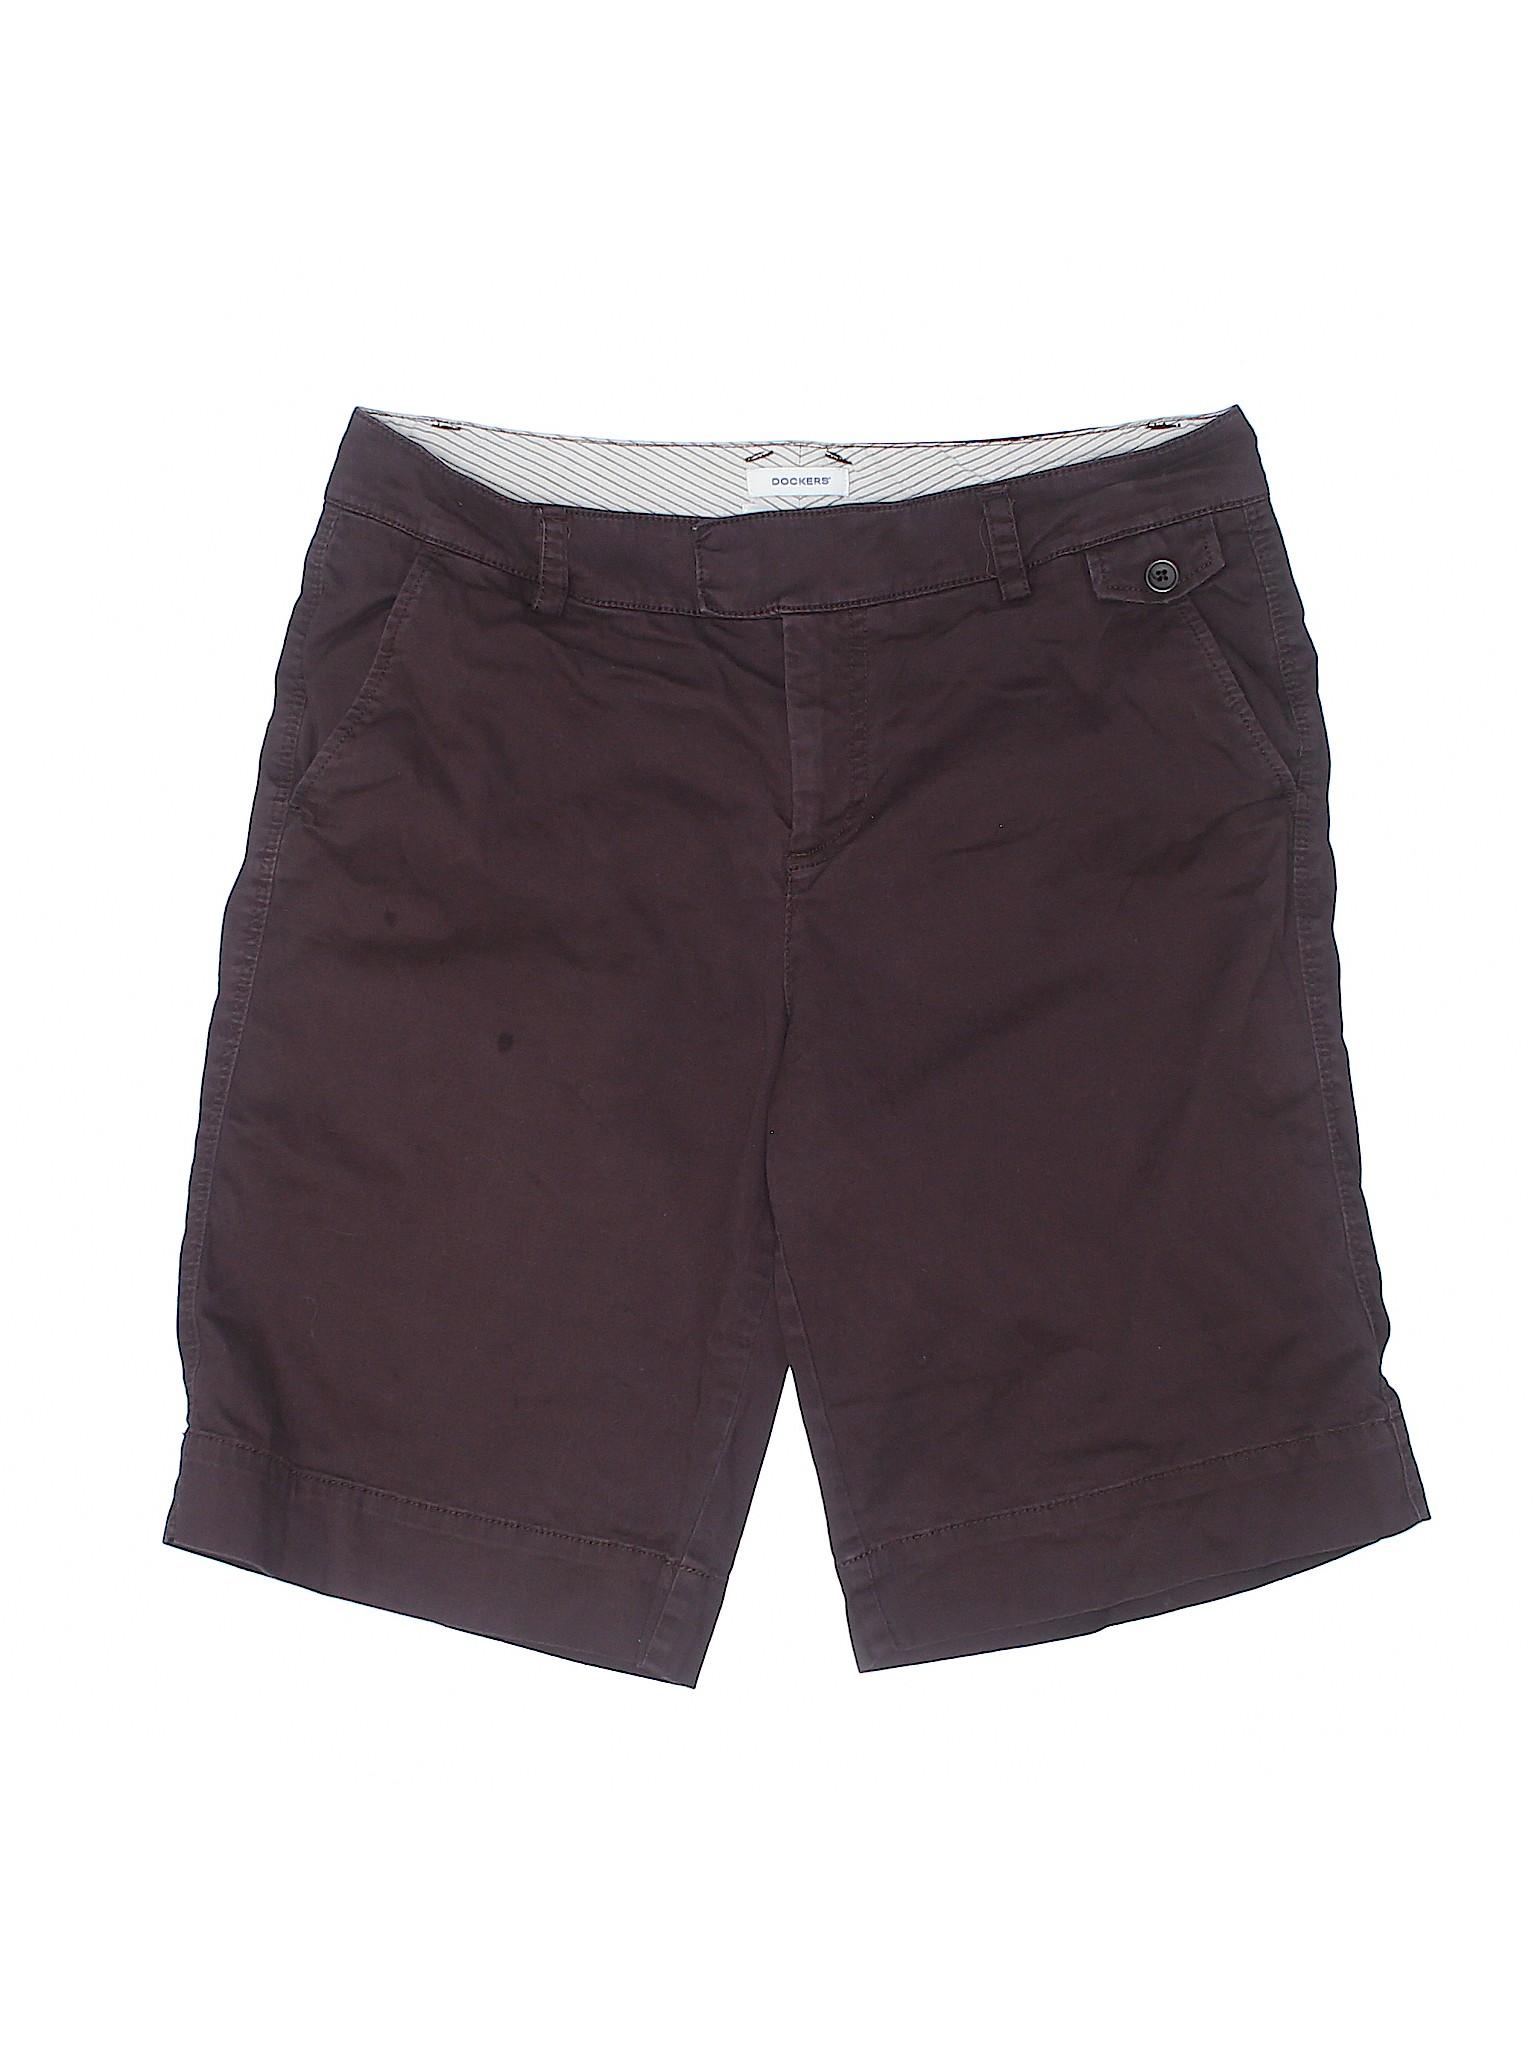 Boutique Khaki Boutique Dockers Khaki Shorts Dockers Shorts Boutique Dockers wtxgq